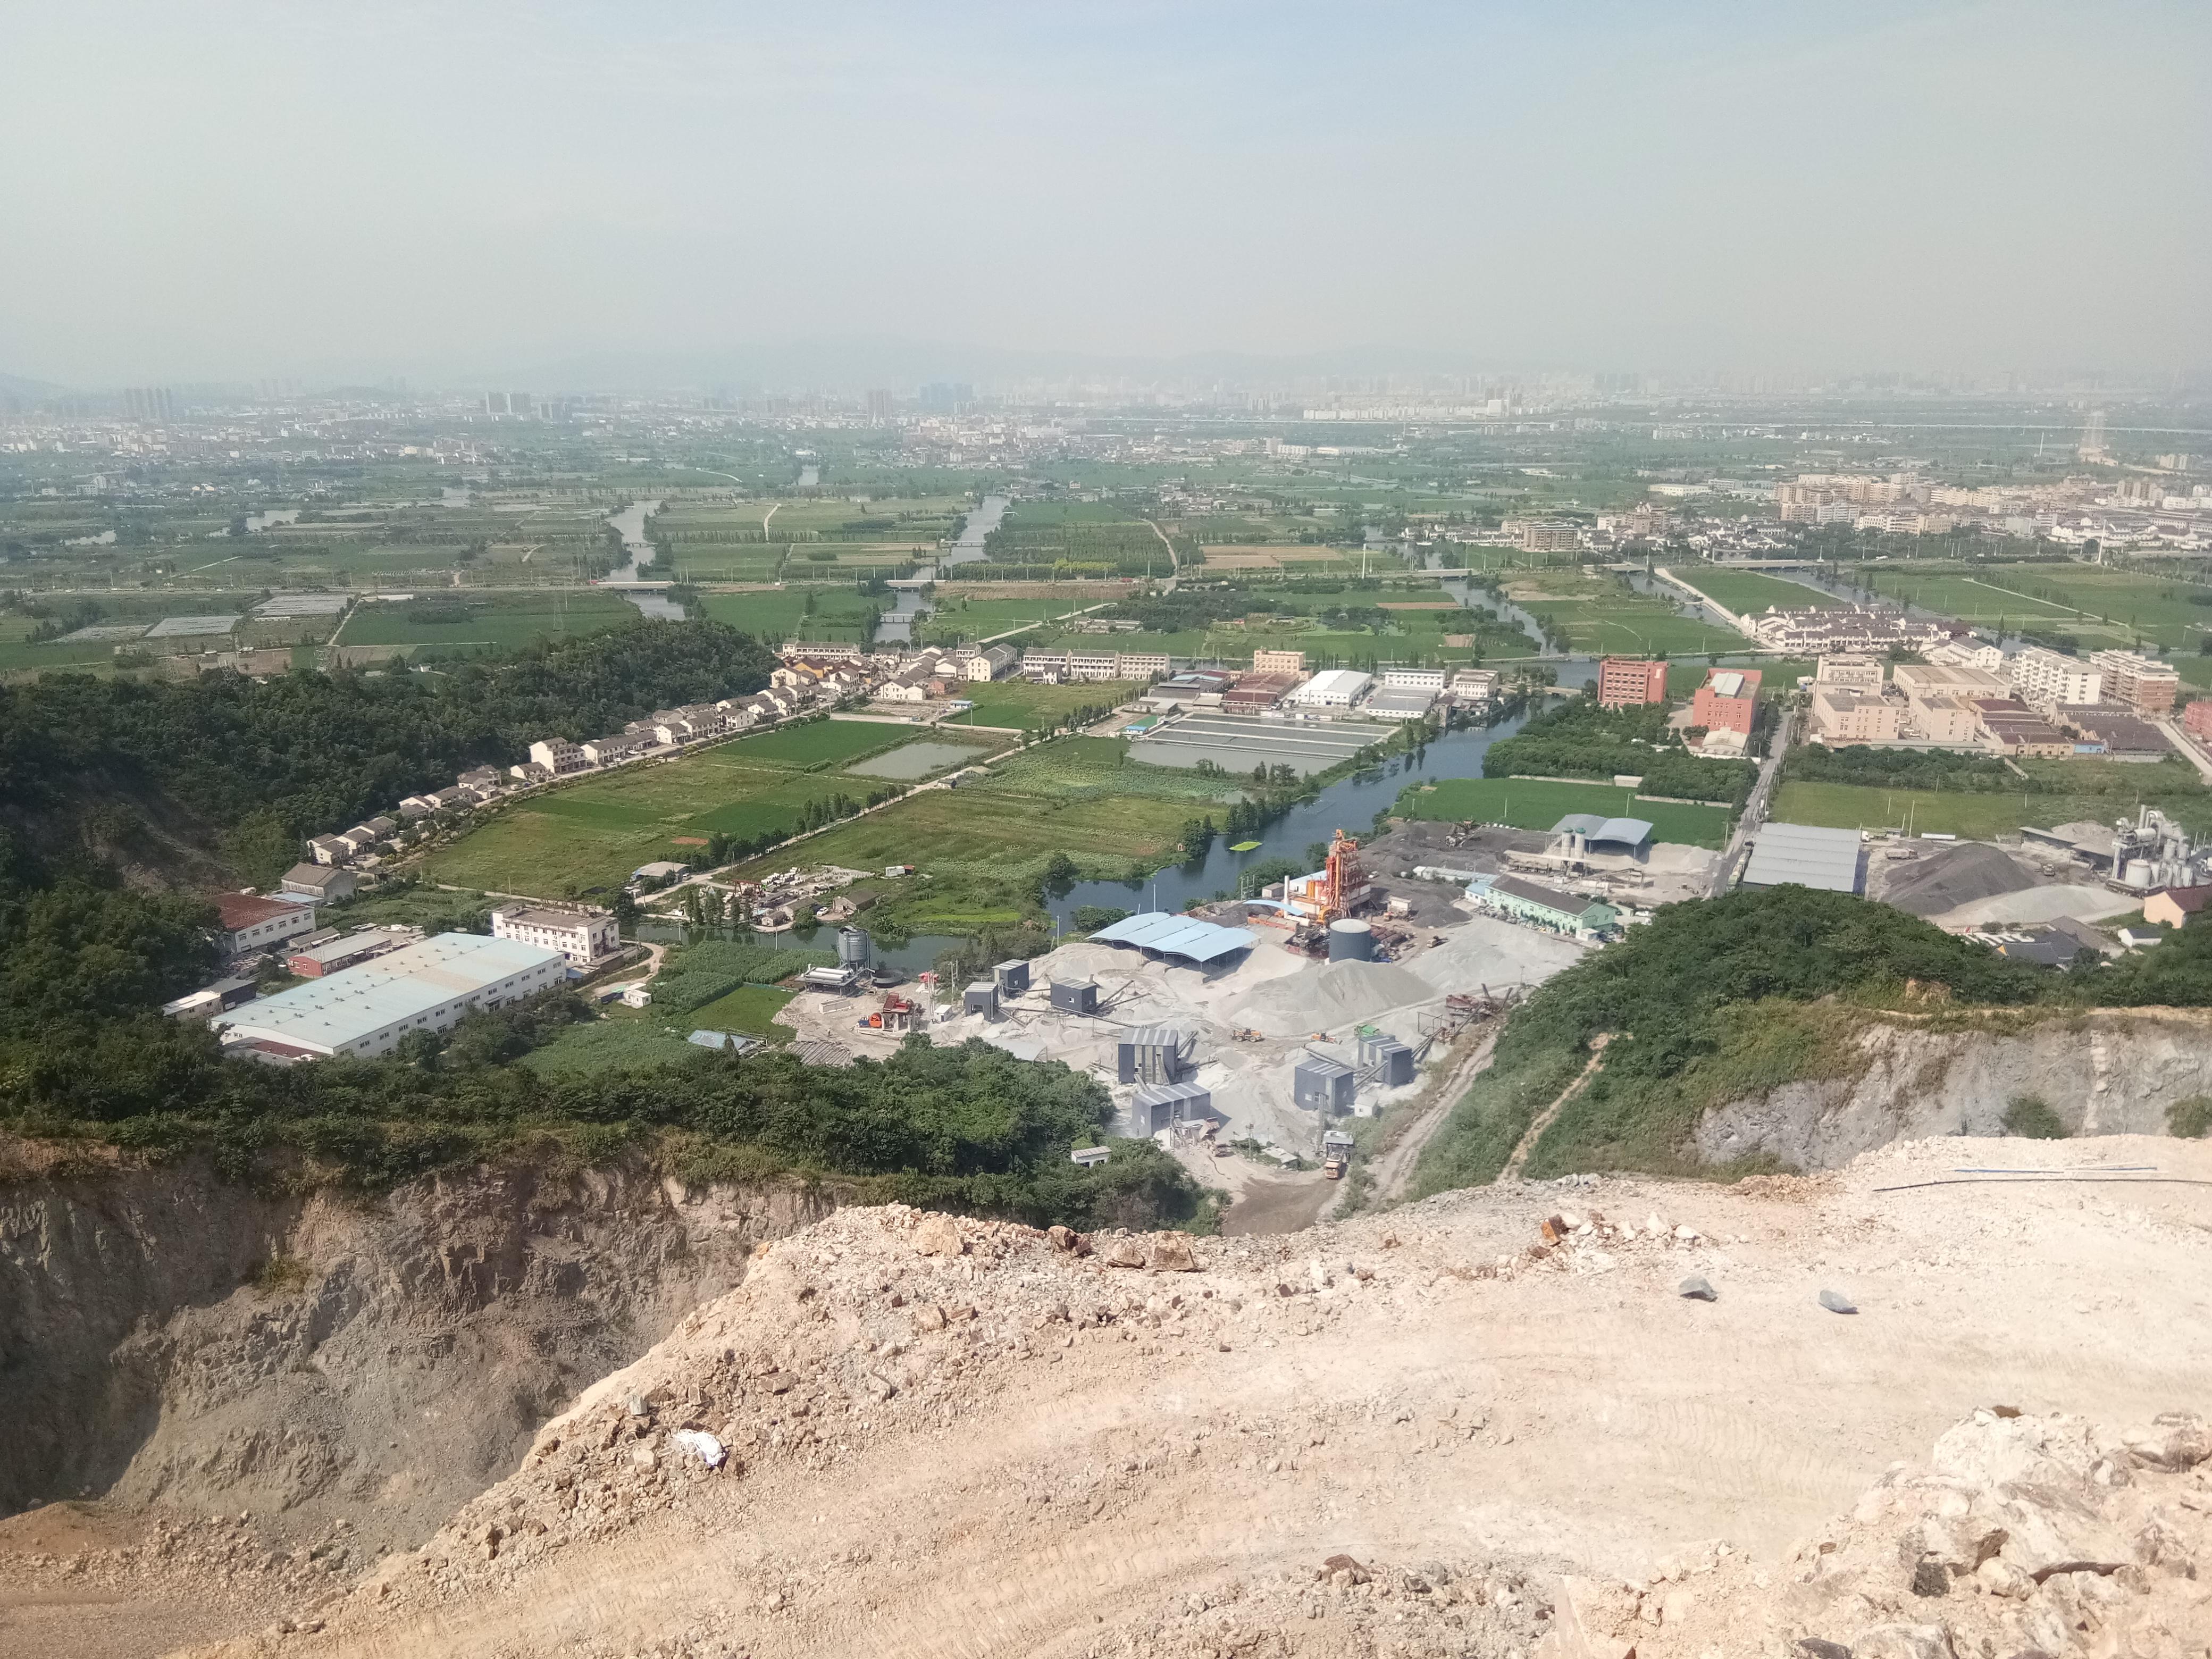 平阳县万全镇中镇村岙底山废弃矿山生态环境修复工程